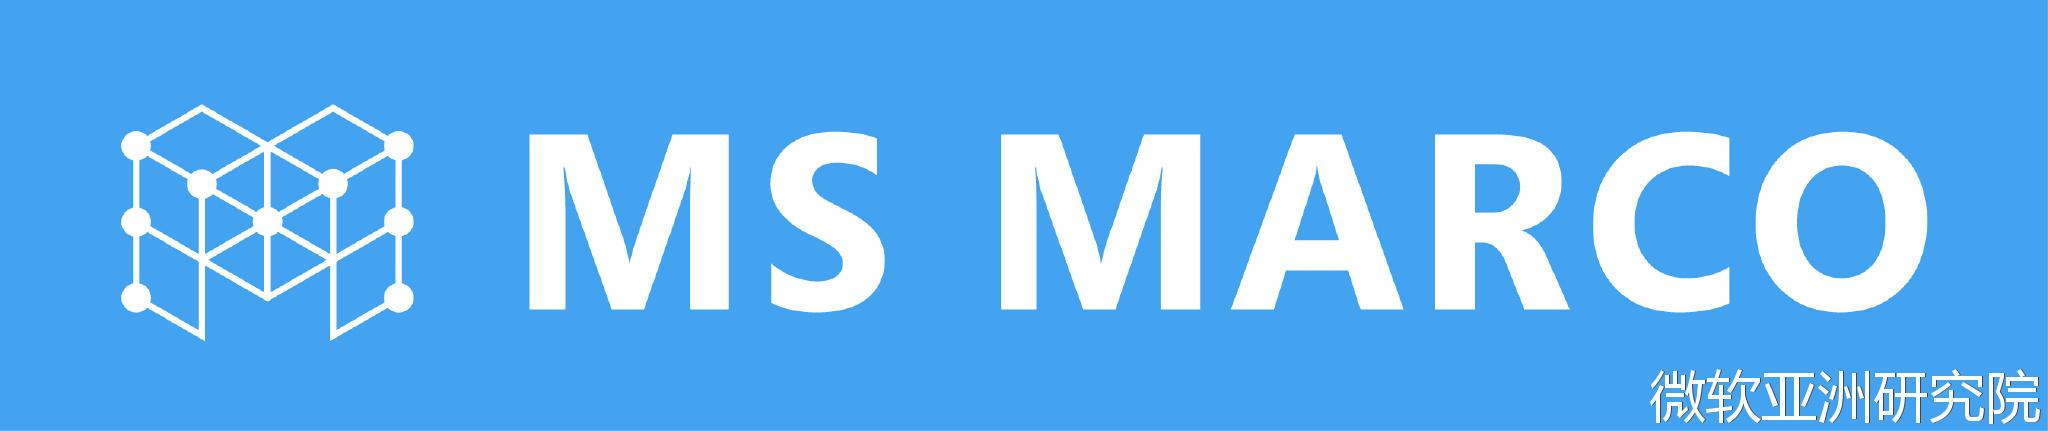 微软发布MS<wbr>MARCO数据集,提高计算机阅读理解能力